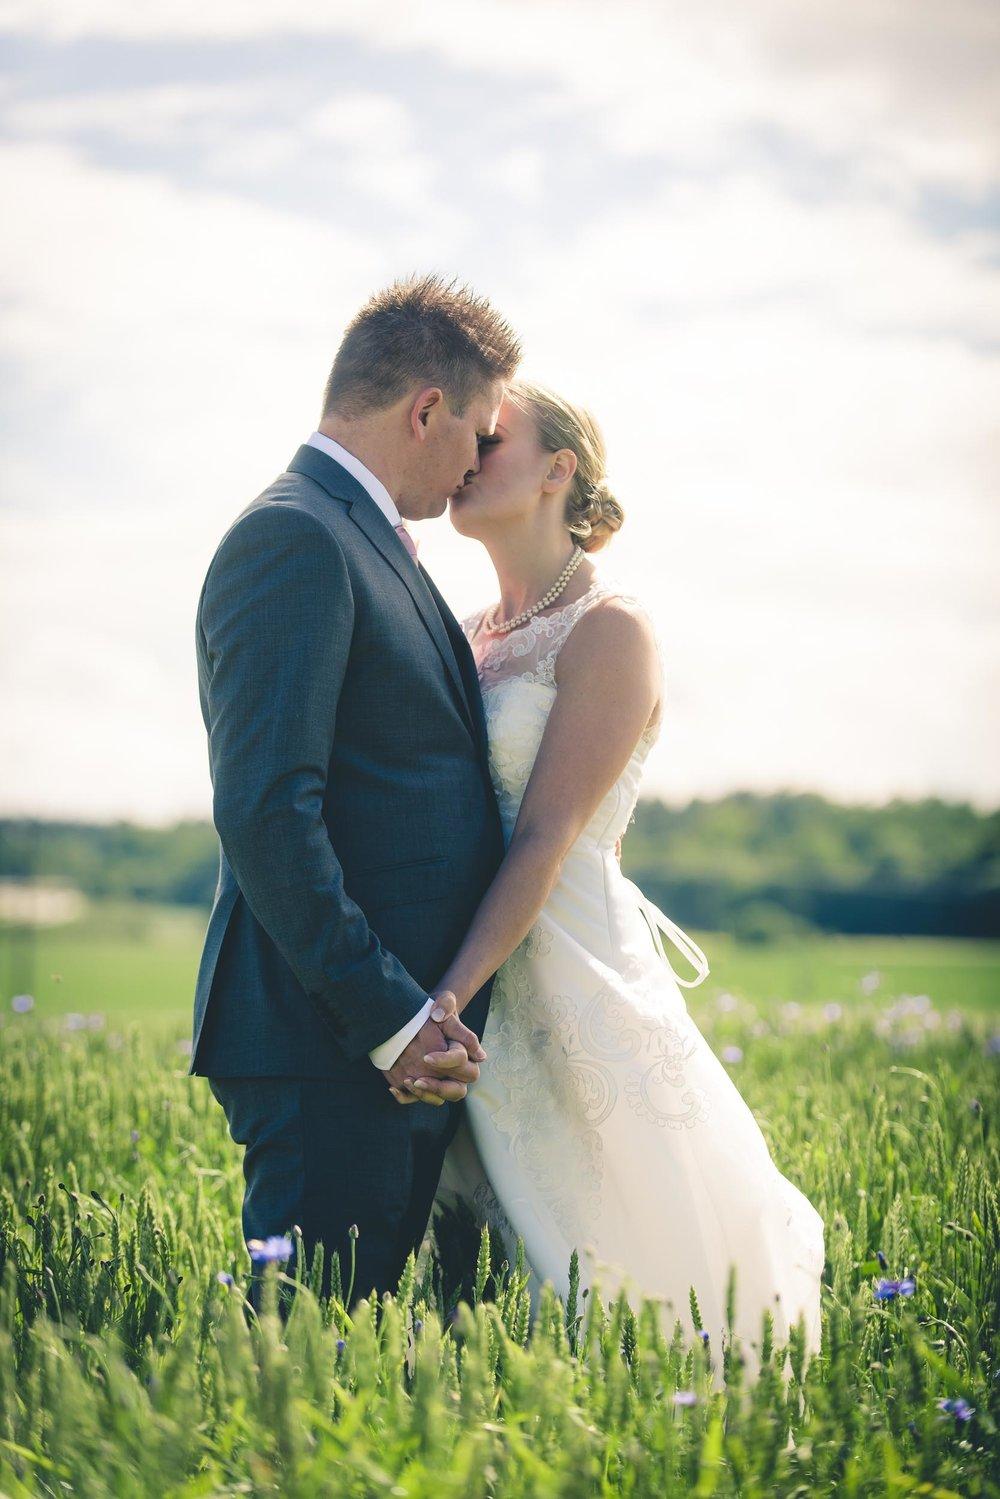 bröllopsfoto-blekinge-juni17-4.jpg